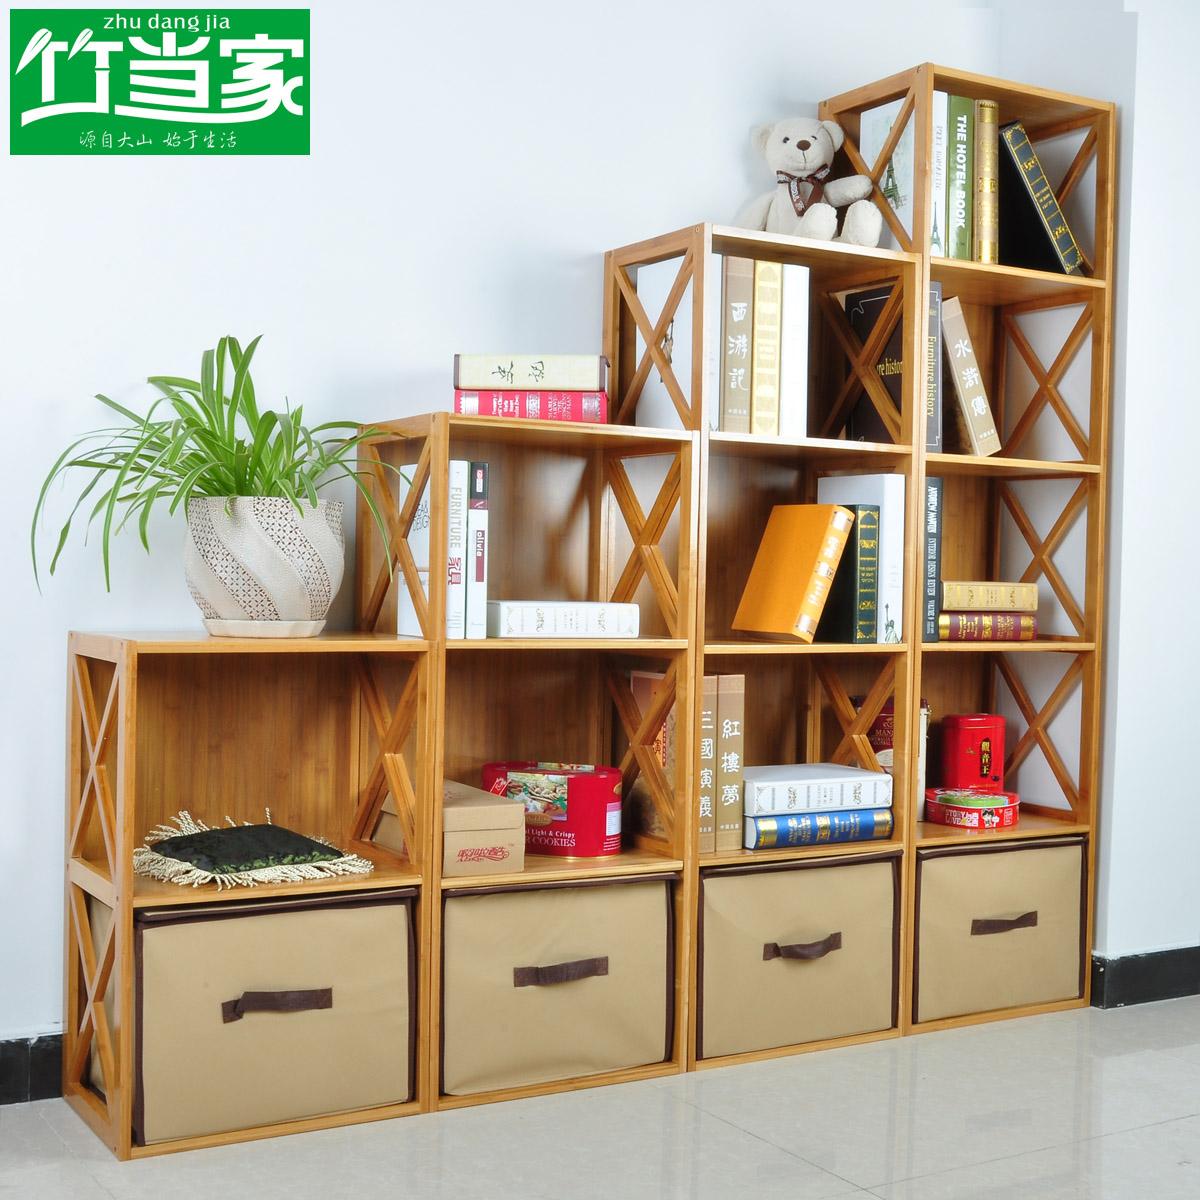 armário de armazenamento estante simples estante estante de madeira  #099932 1200x1200